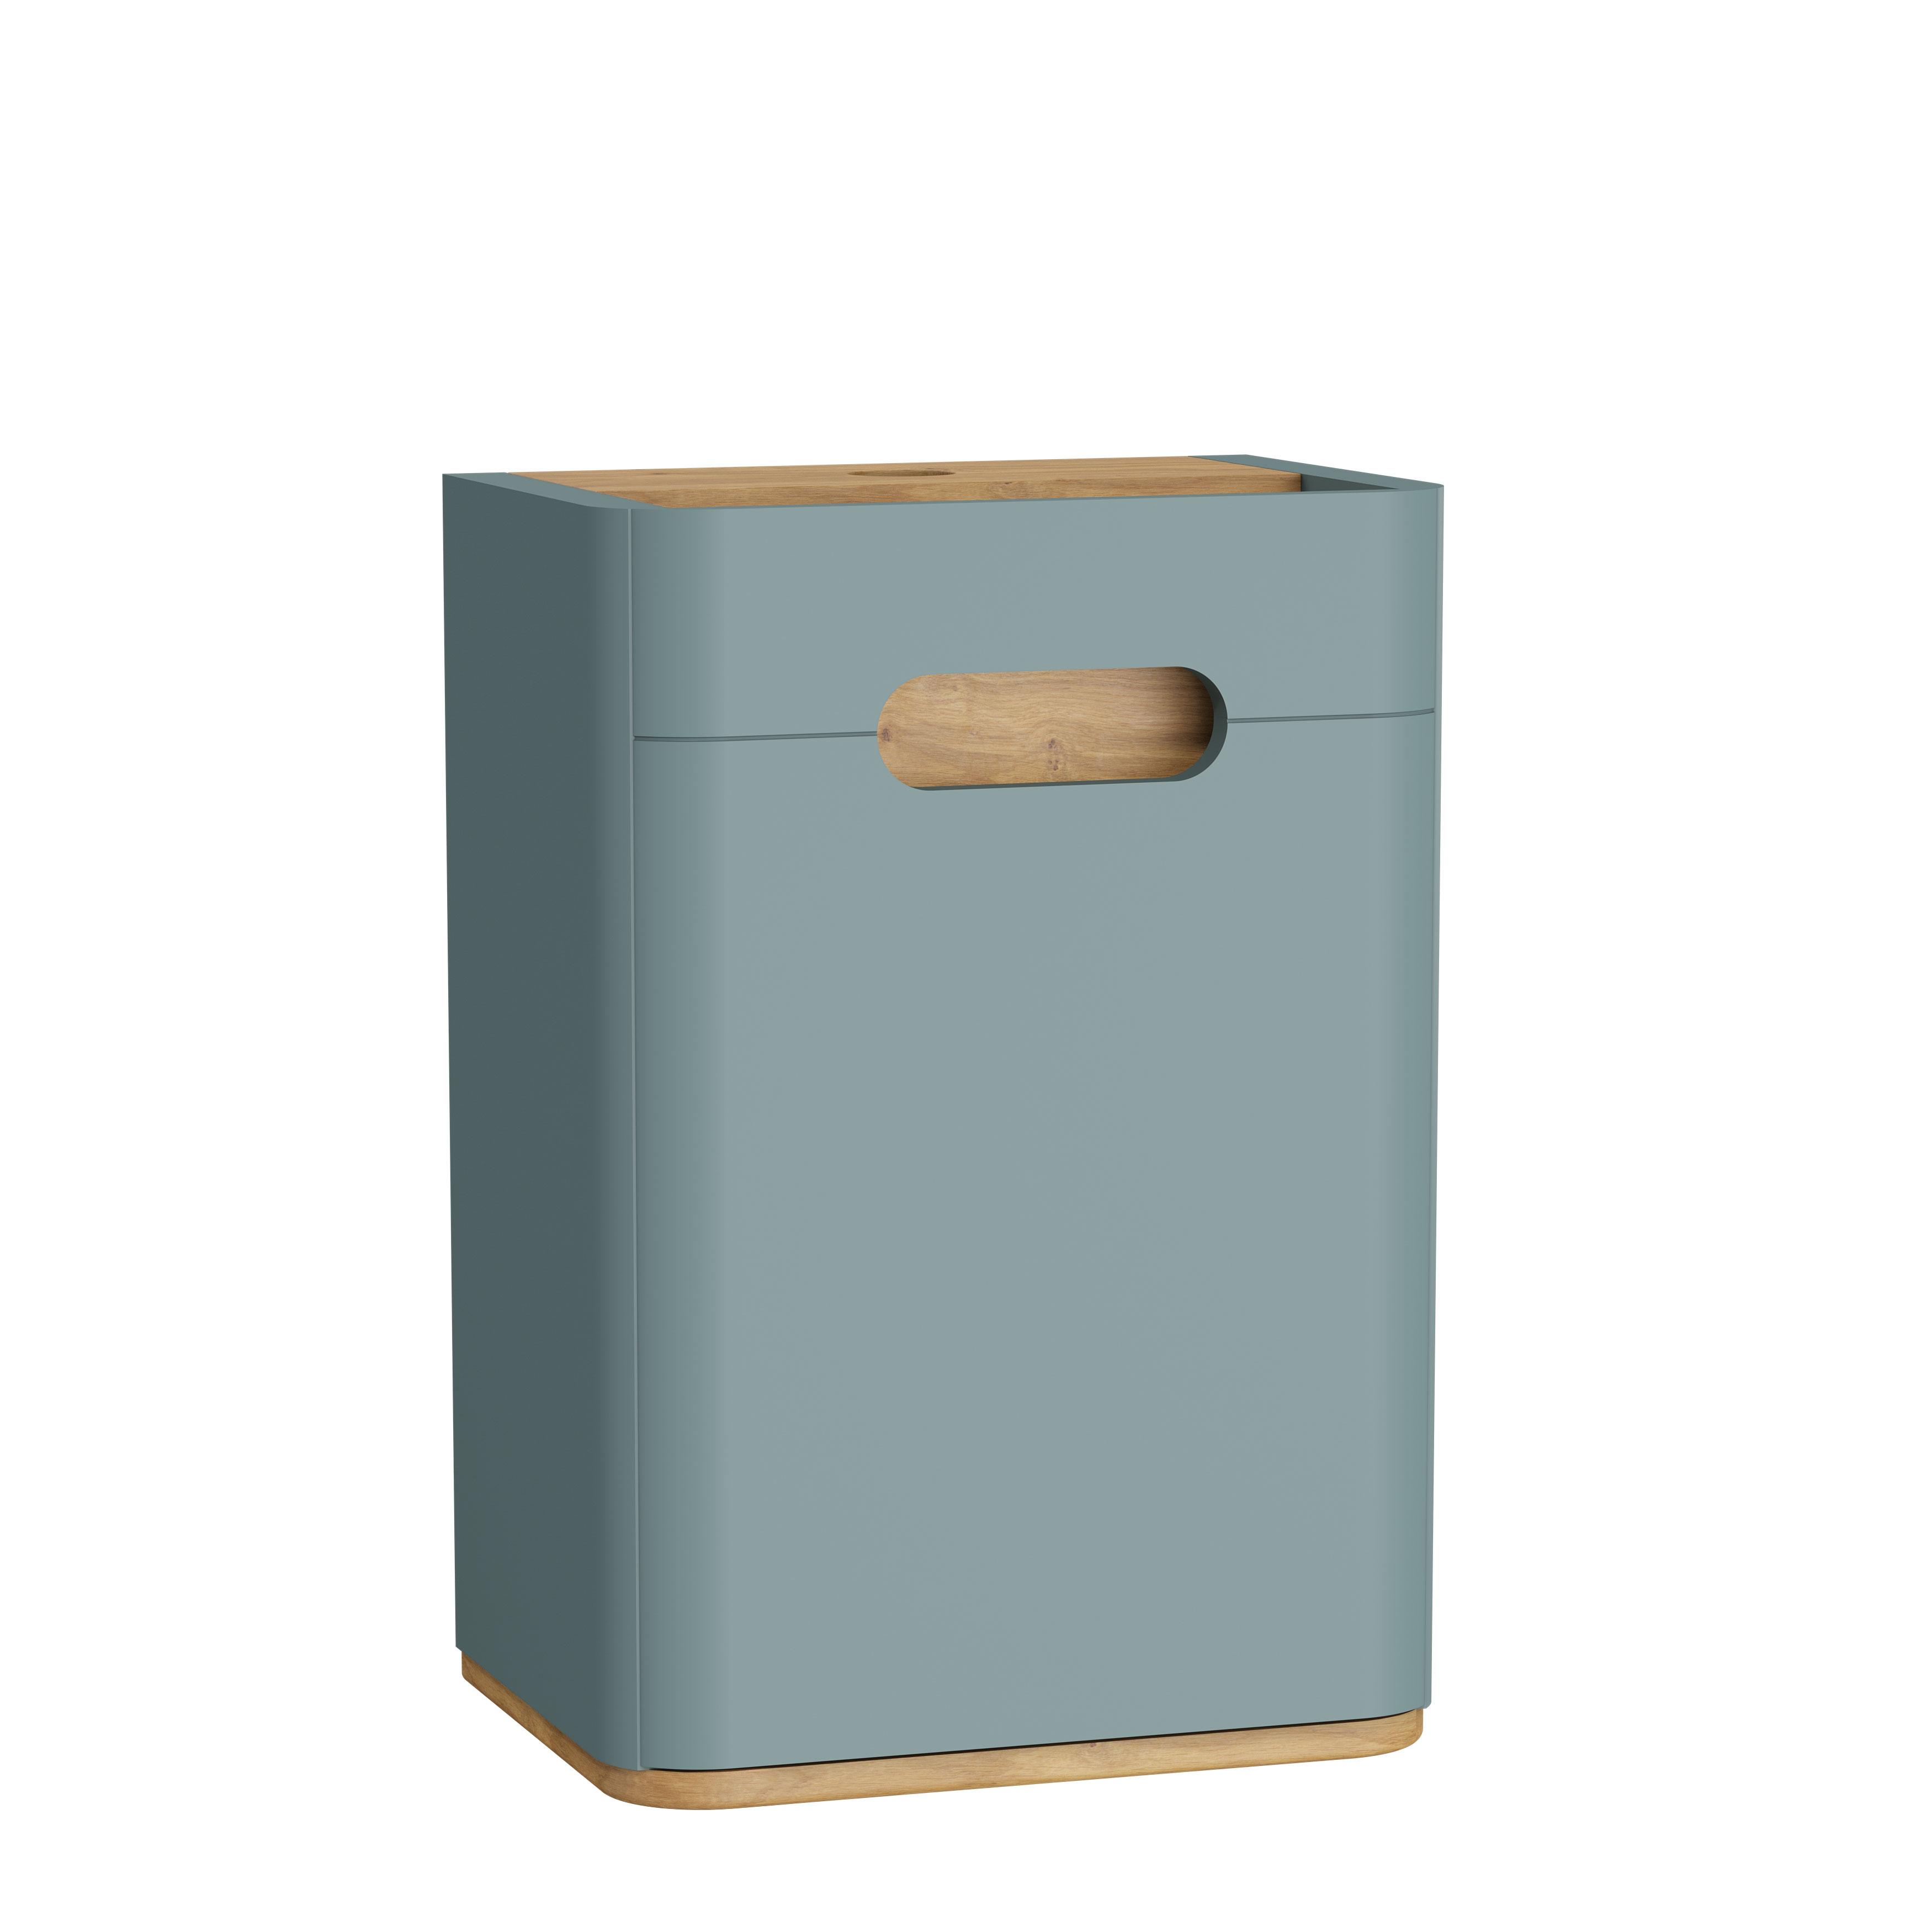 Sento armoire mi-haute, 40 cm, vert fjord mat, charnière à droite